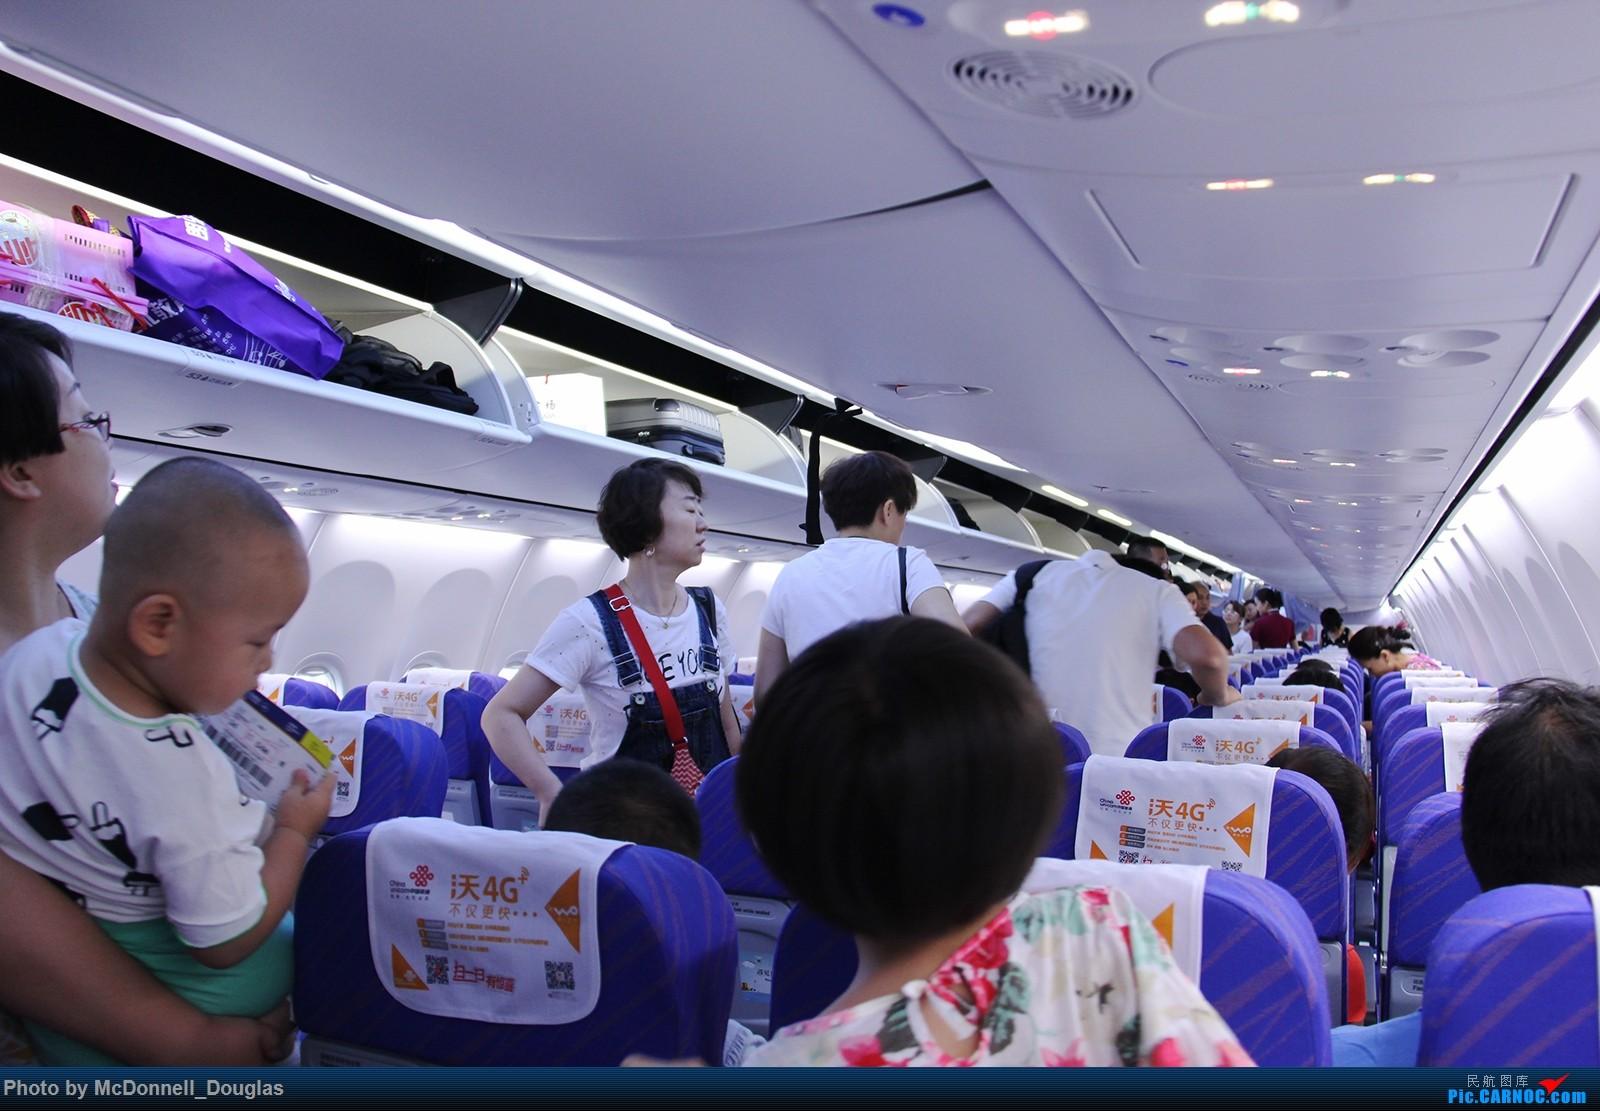 Re:[原创]【上海飞友会】【zc带你走天下(3)】再访祖辈年轻时工作的土地,父母年少时生活戈壁,跨越大半个中国去看新疆,回程小游蓉城(下) BOEING 737-800 B-7971 中国乌鲁木齐地窝堡国际机场